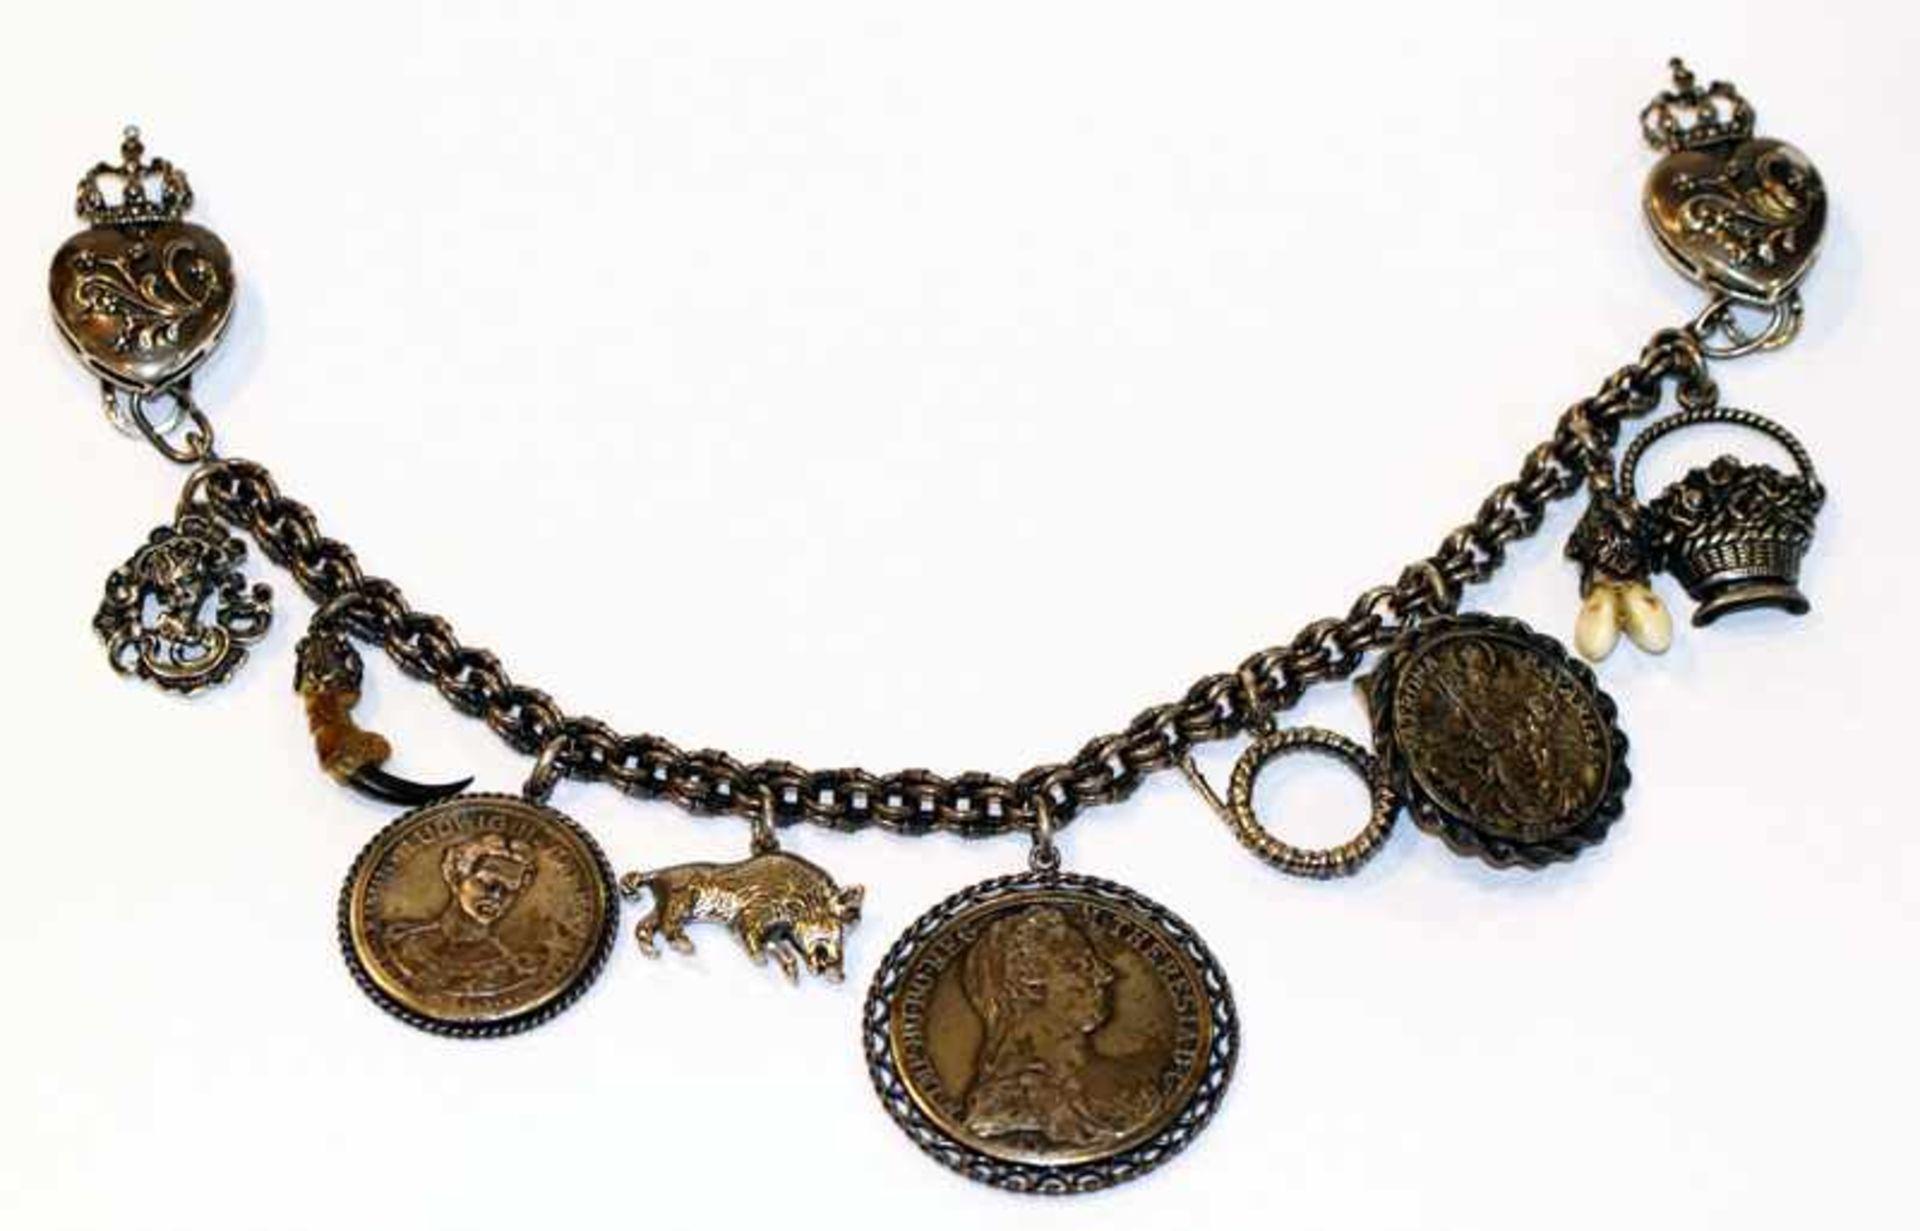 Los 35 - Dekoratives Silber Charivari/Rockkette mit seitlichen Steckern in Herzdekor und 9 diversen